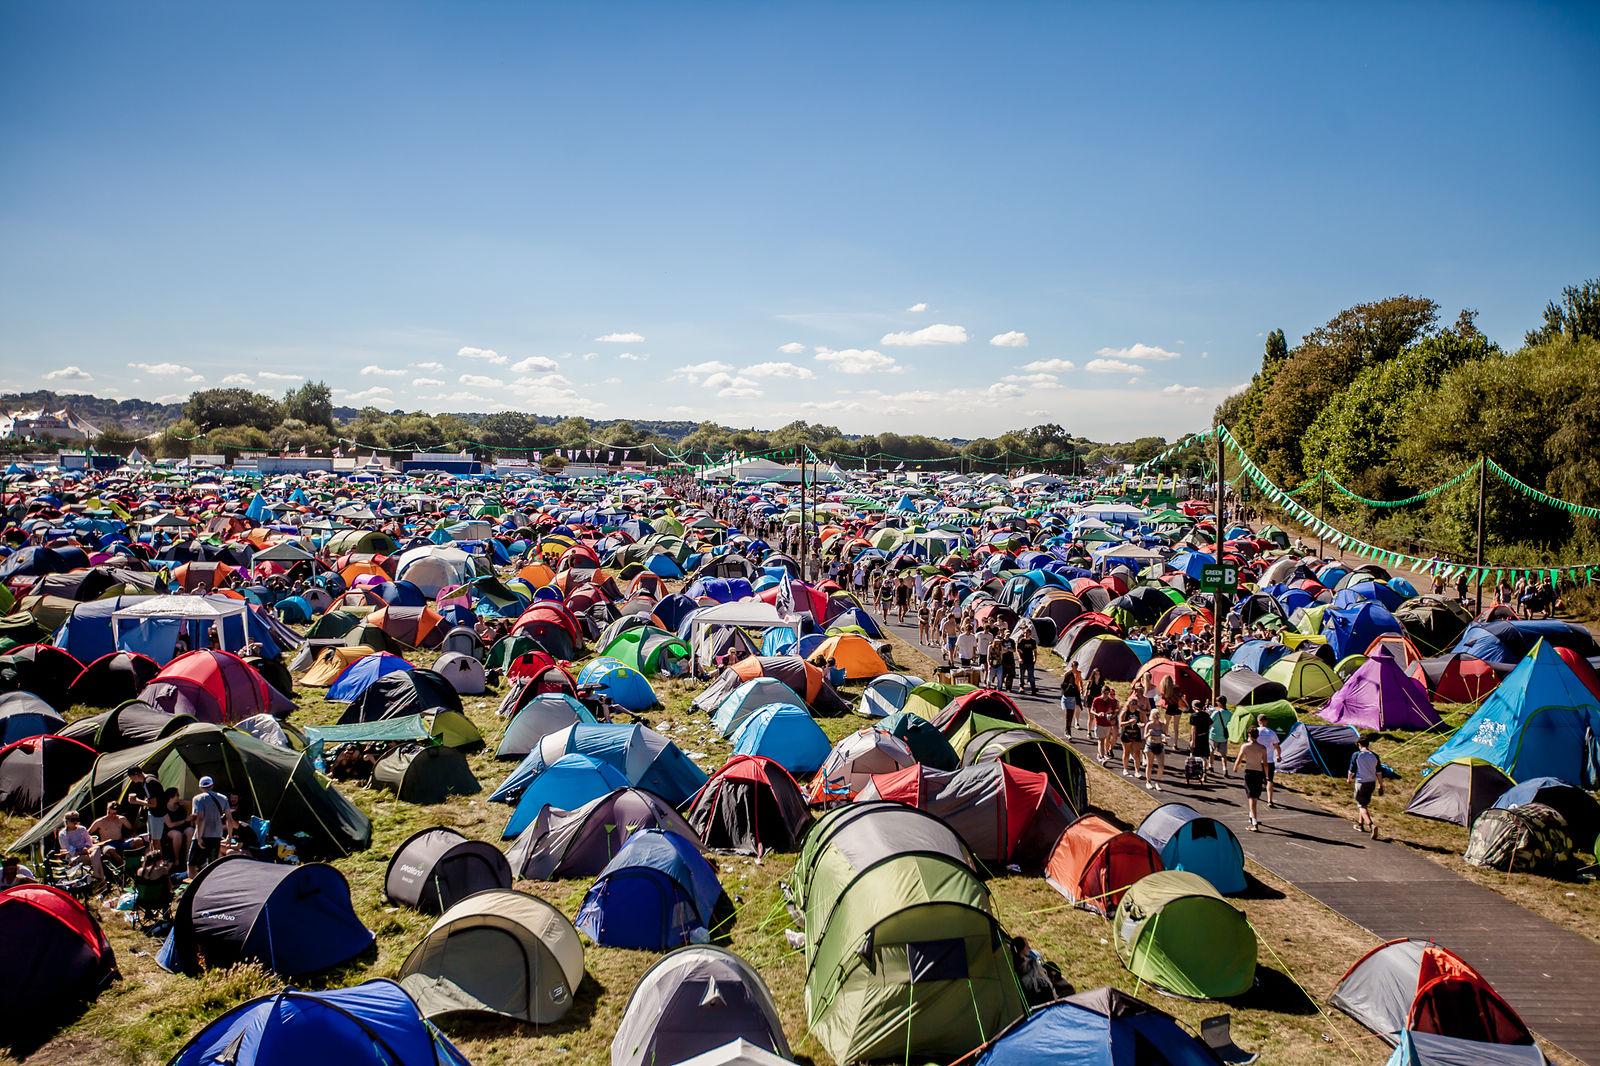 V Festival 2017